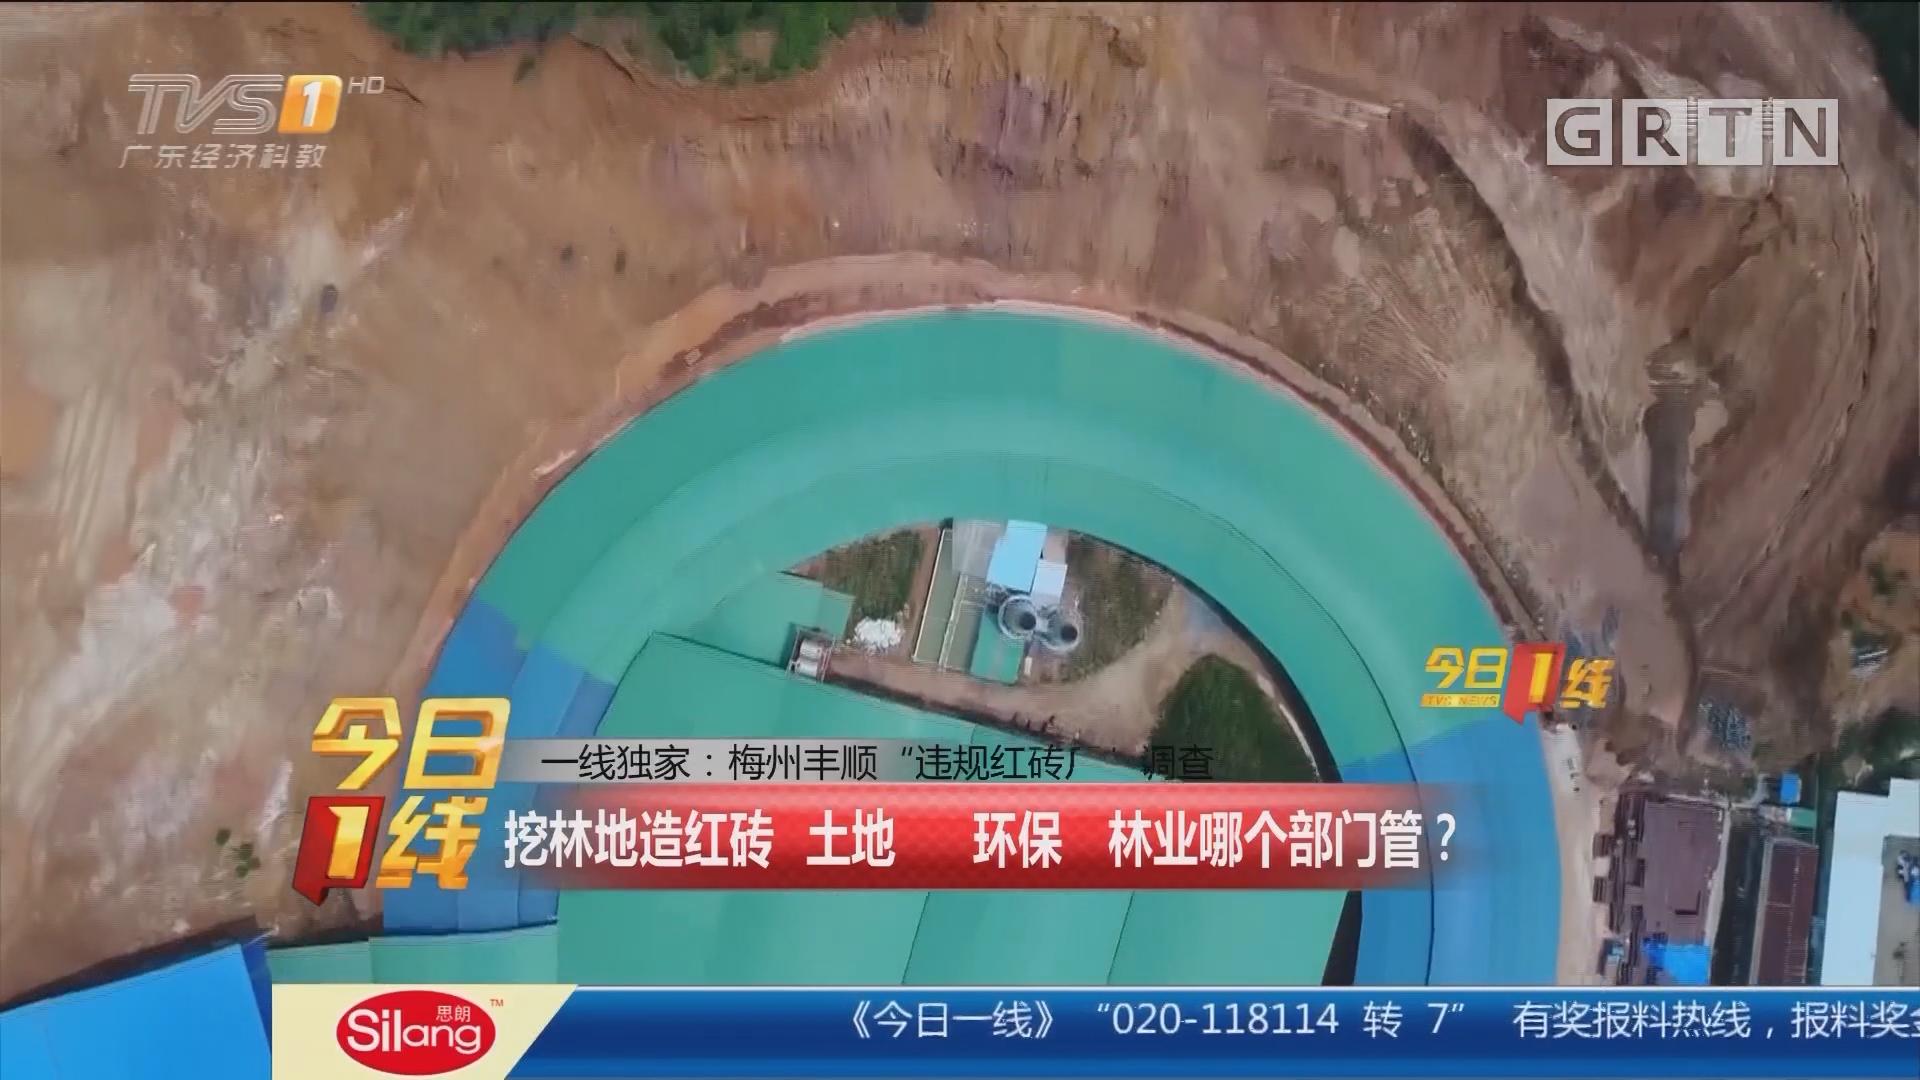 """一线独家:梅州丰顺 """"违规红砖厂""""调查 挖林地造红砖 土地 环保 林业哪个部门管?"""